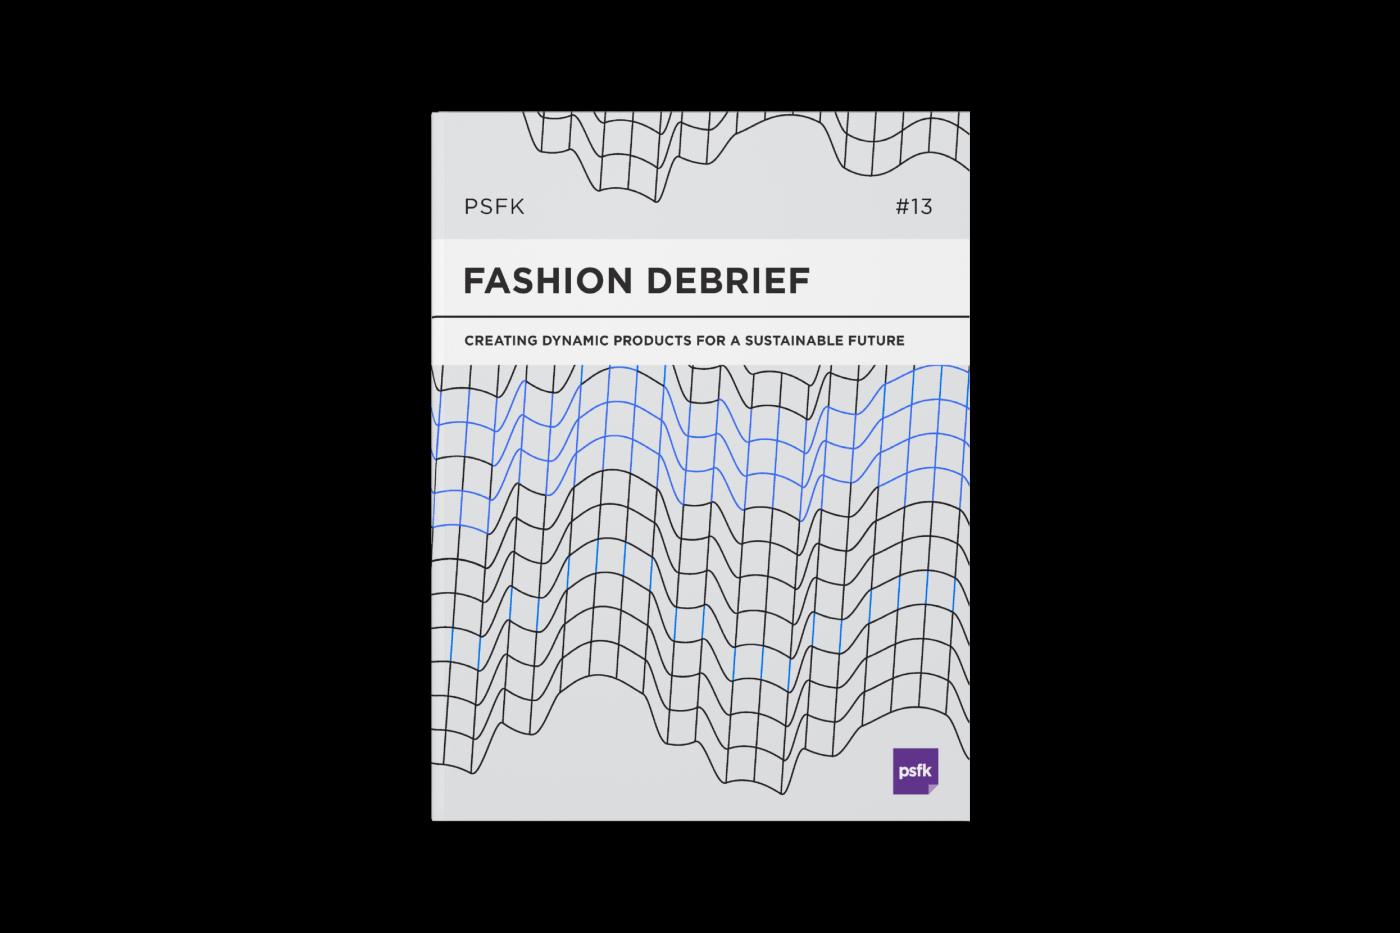 Fashion Debrief